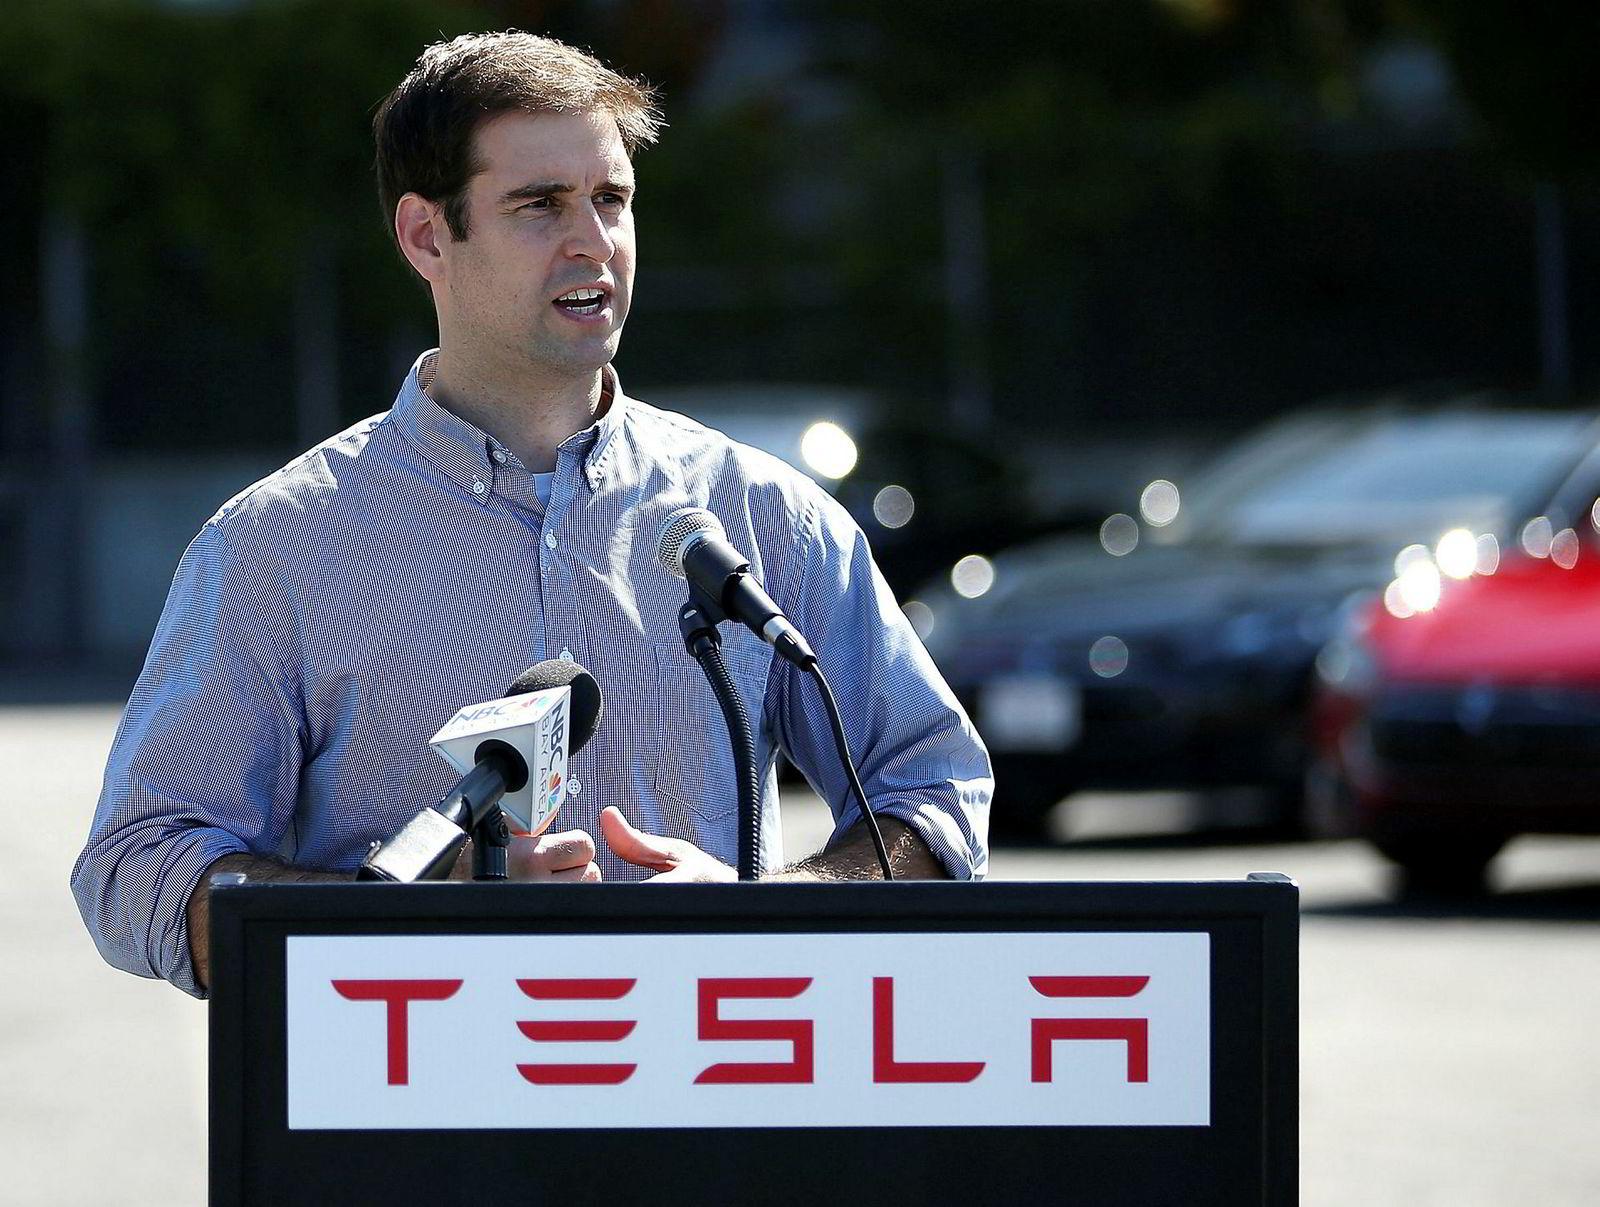 Uten en lunsj Tesla-gründer Musk hadde med JB Straubel i 2003 hadde ikke Tesla eksistert. Nå slutter han. Her fra 2013.